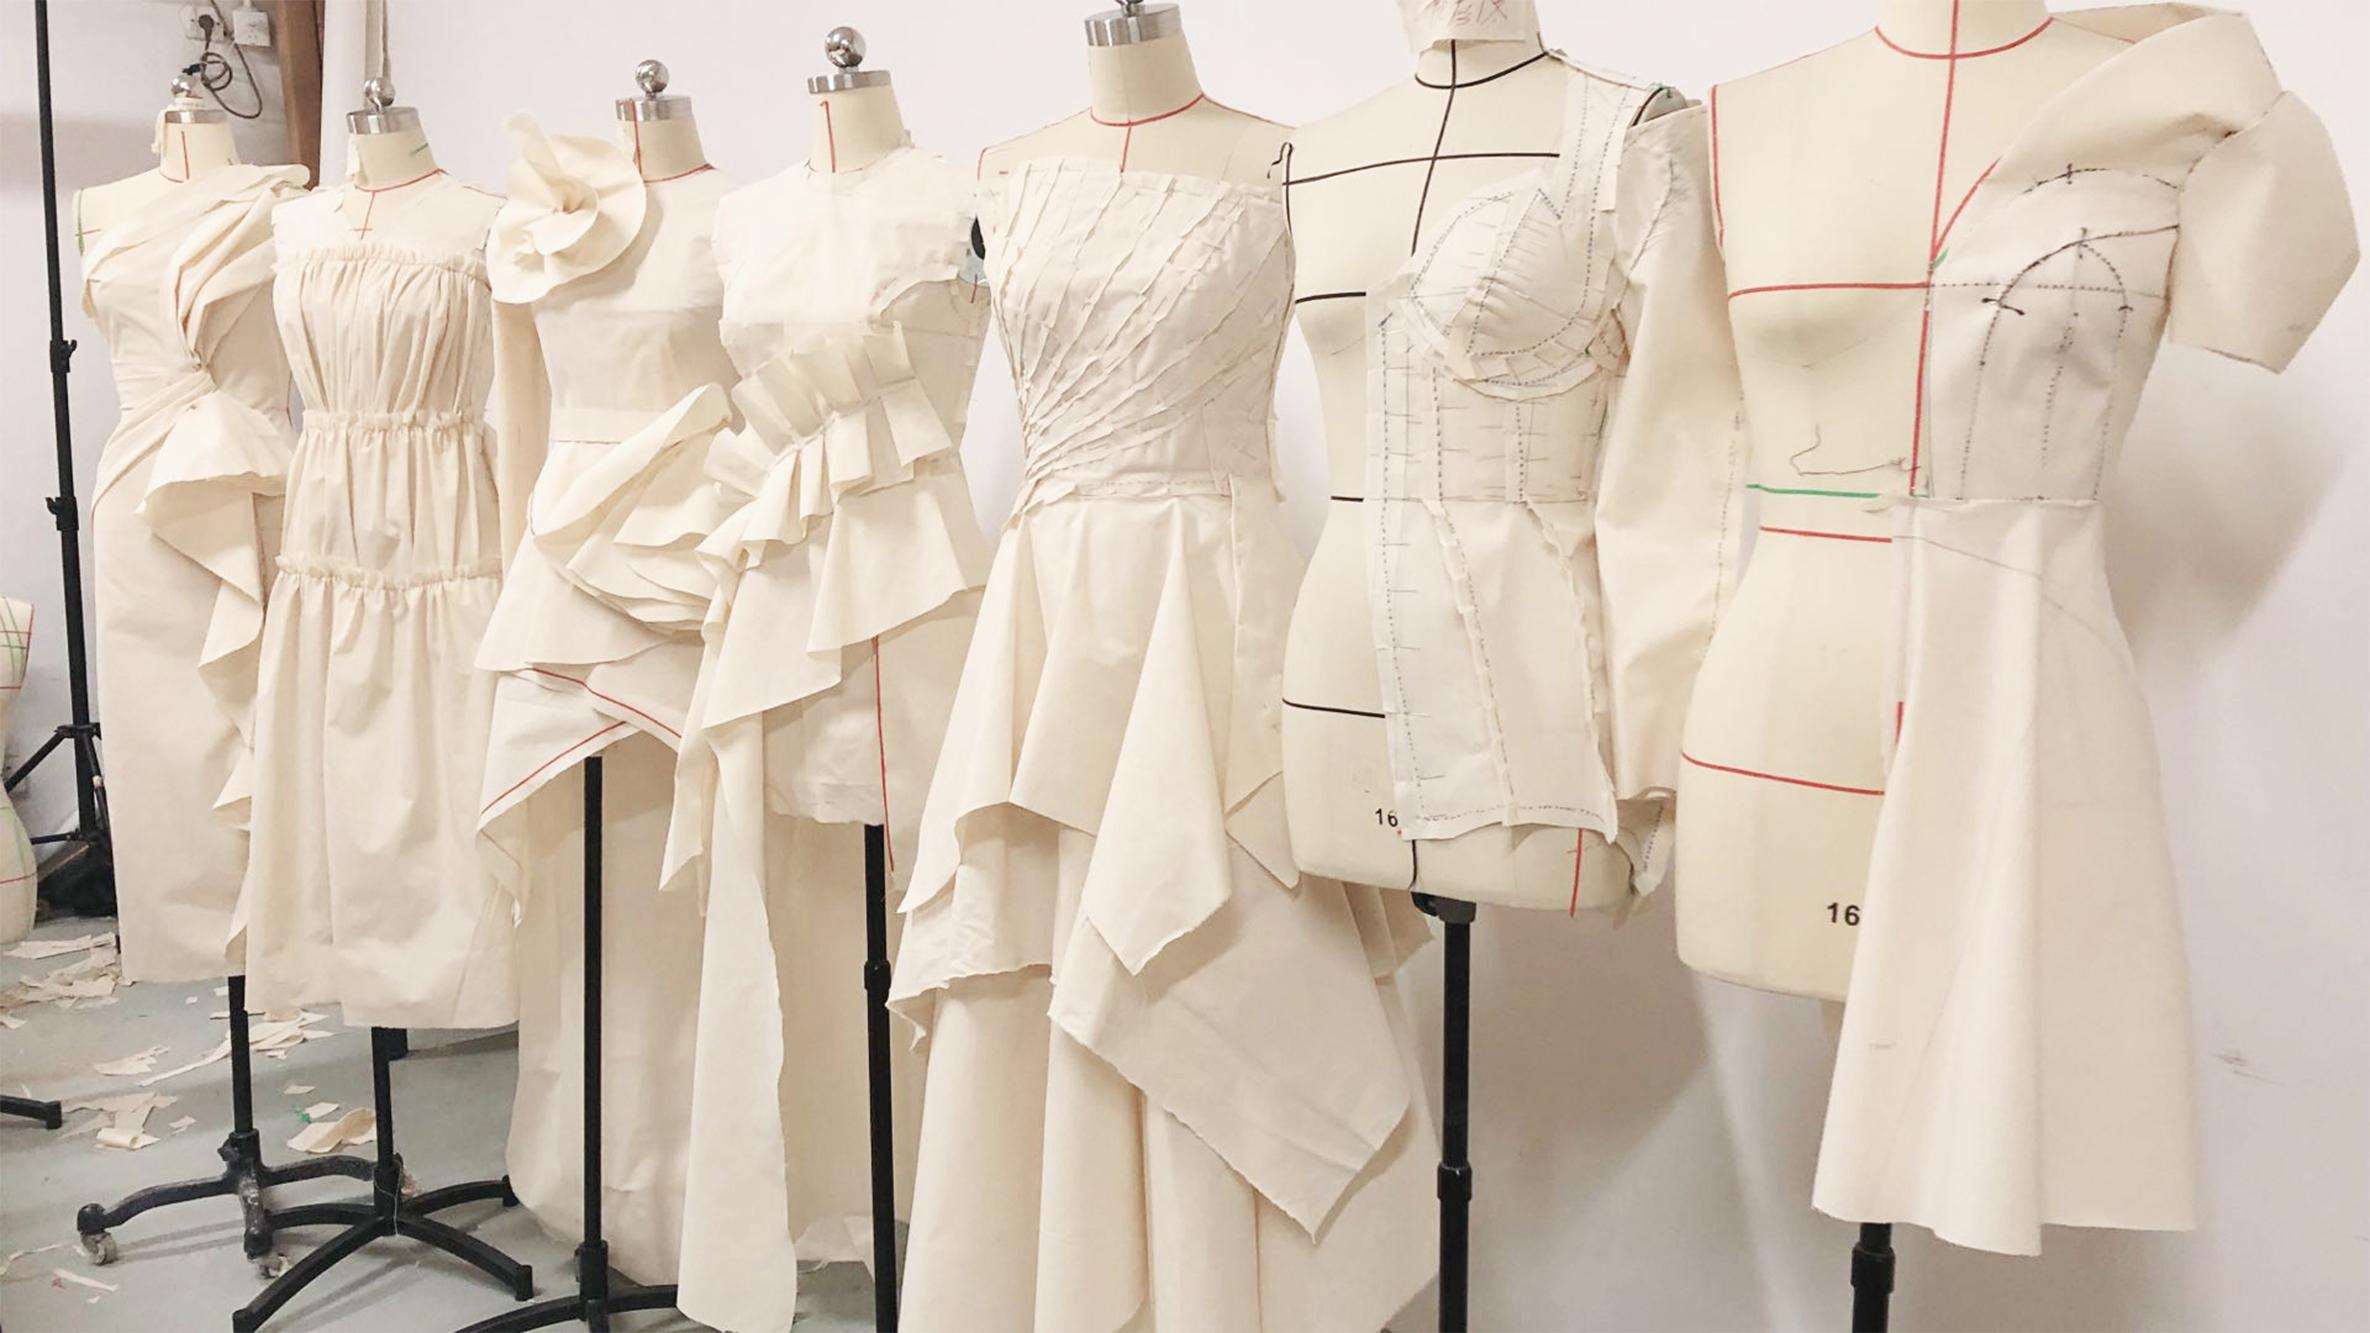 服装立体裁剪与创意女装课程,立体裁剪,学生作业